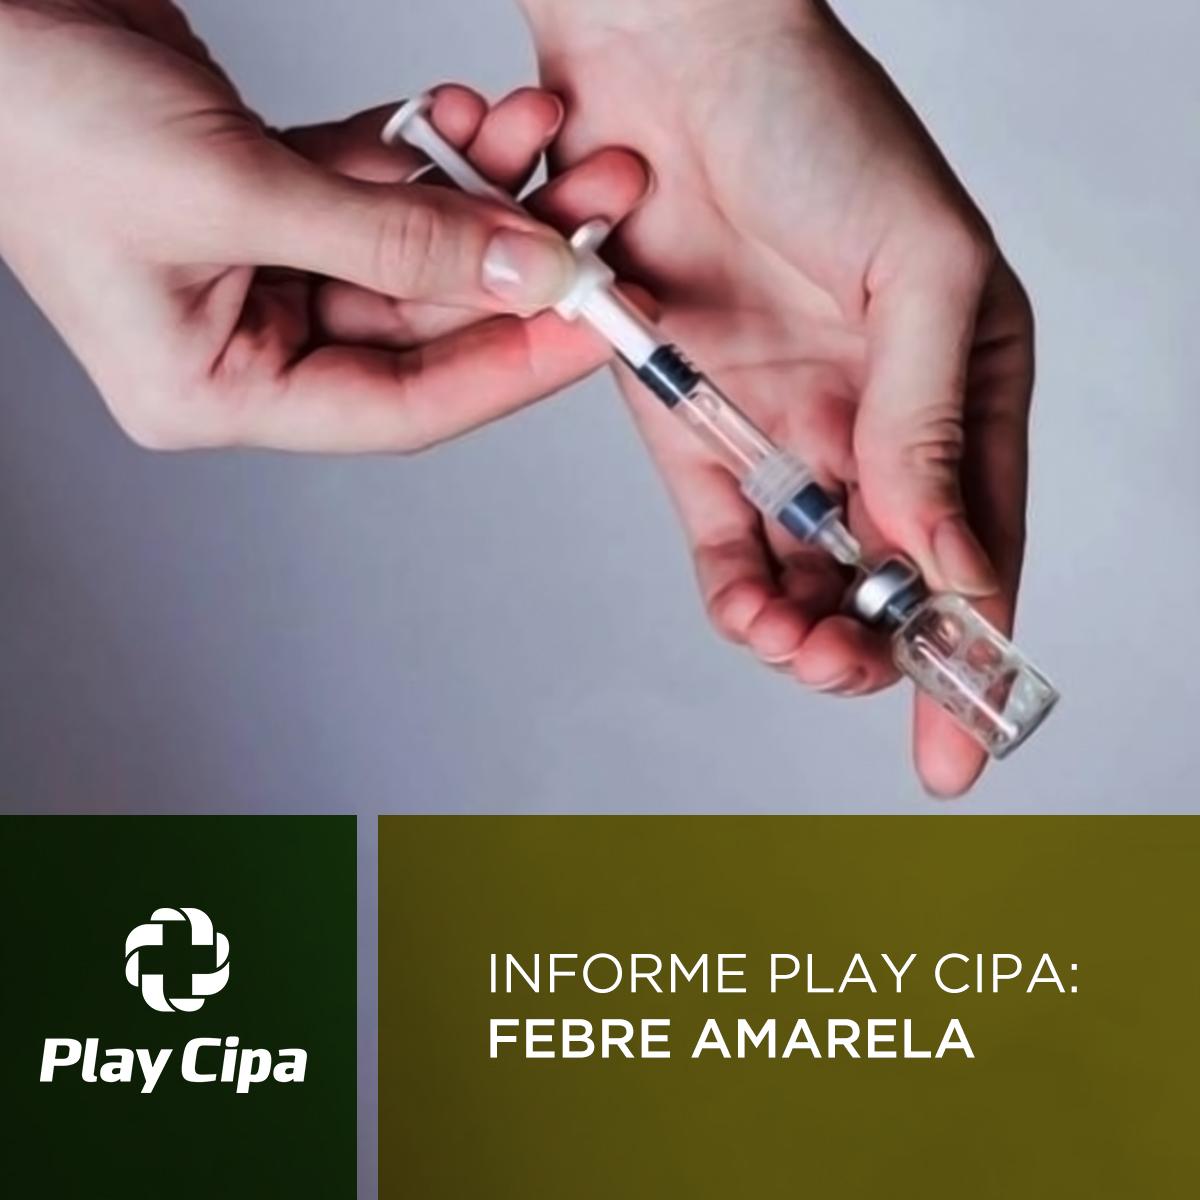 80f6d252b0015 Arquivos Play Cipa - Play Cipa